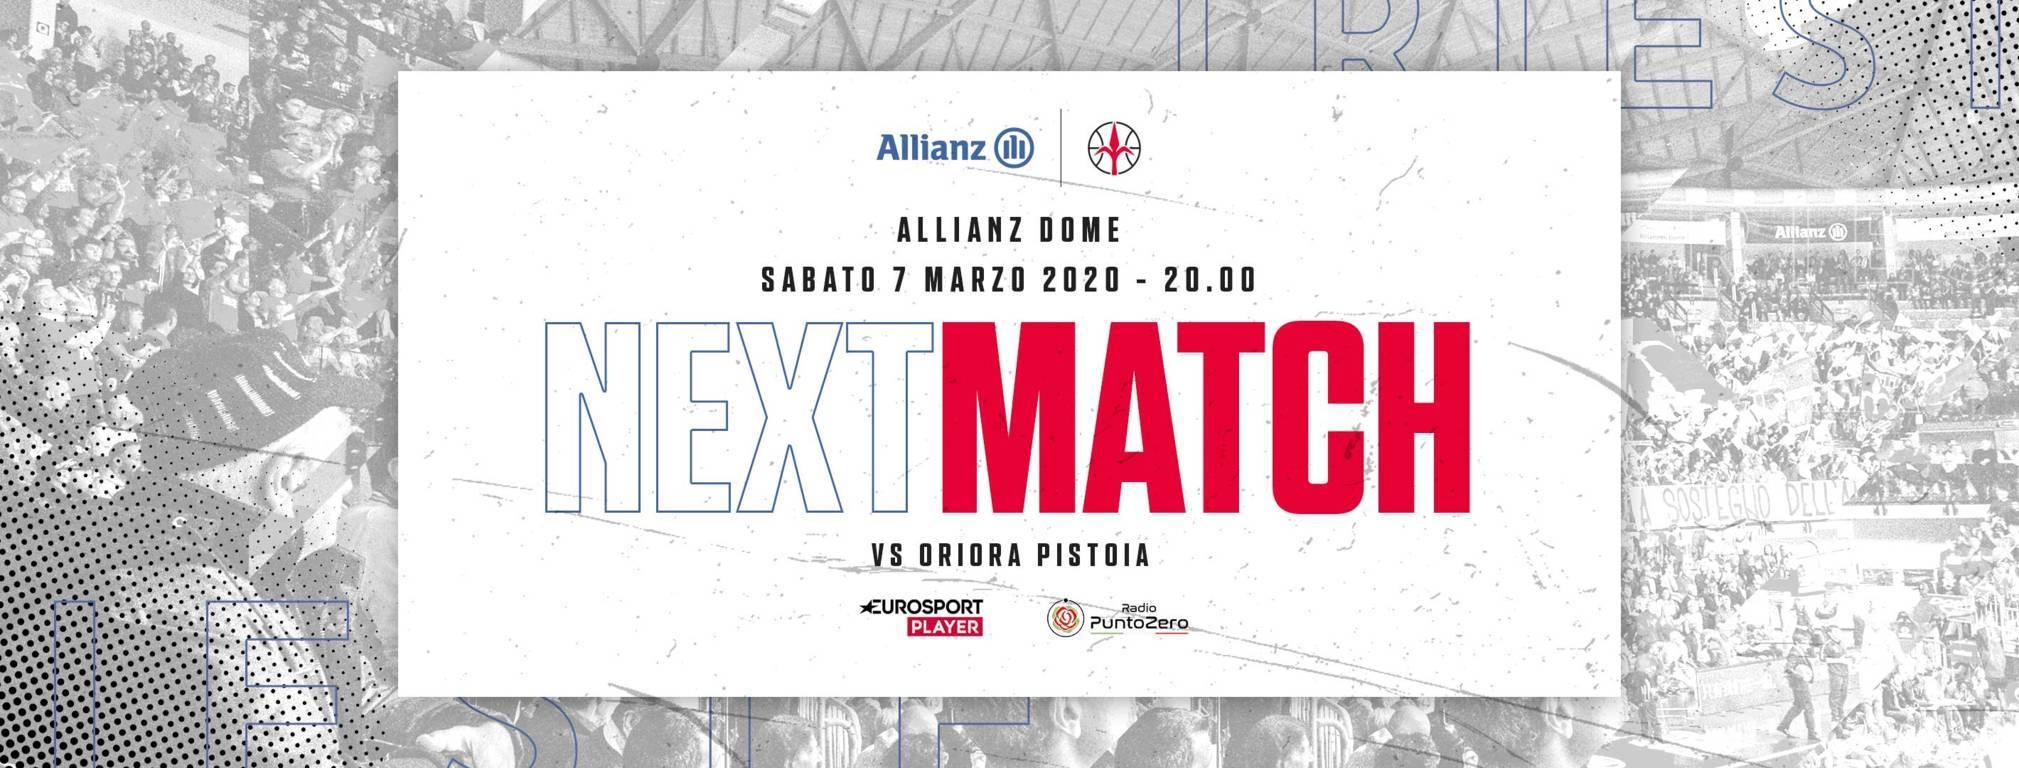 LBA Legabasket 7^ritorno 2019-20: spareggio in chiave salvezza a Trieste, arriva l'OriOra Pistoia